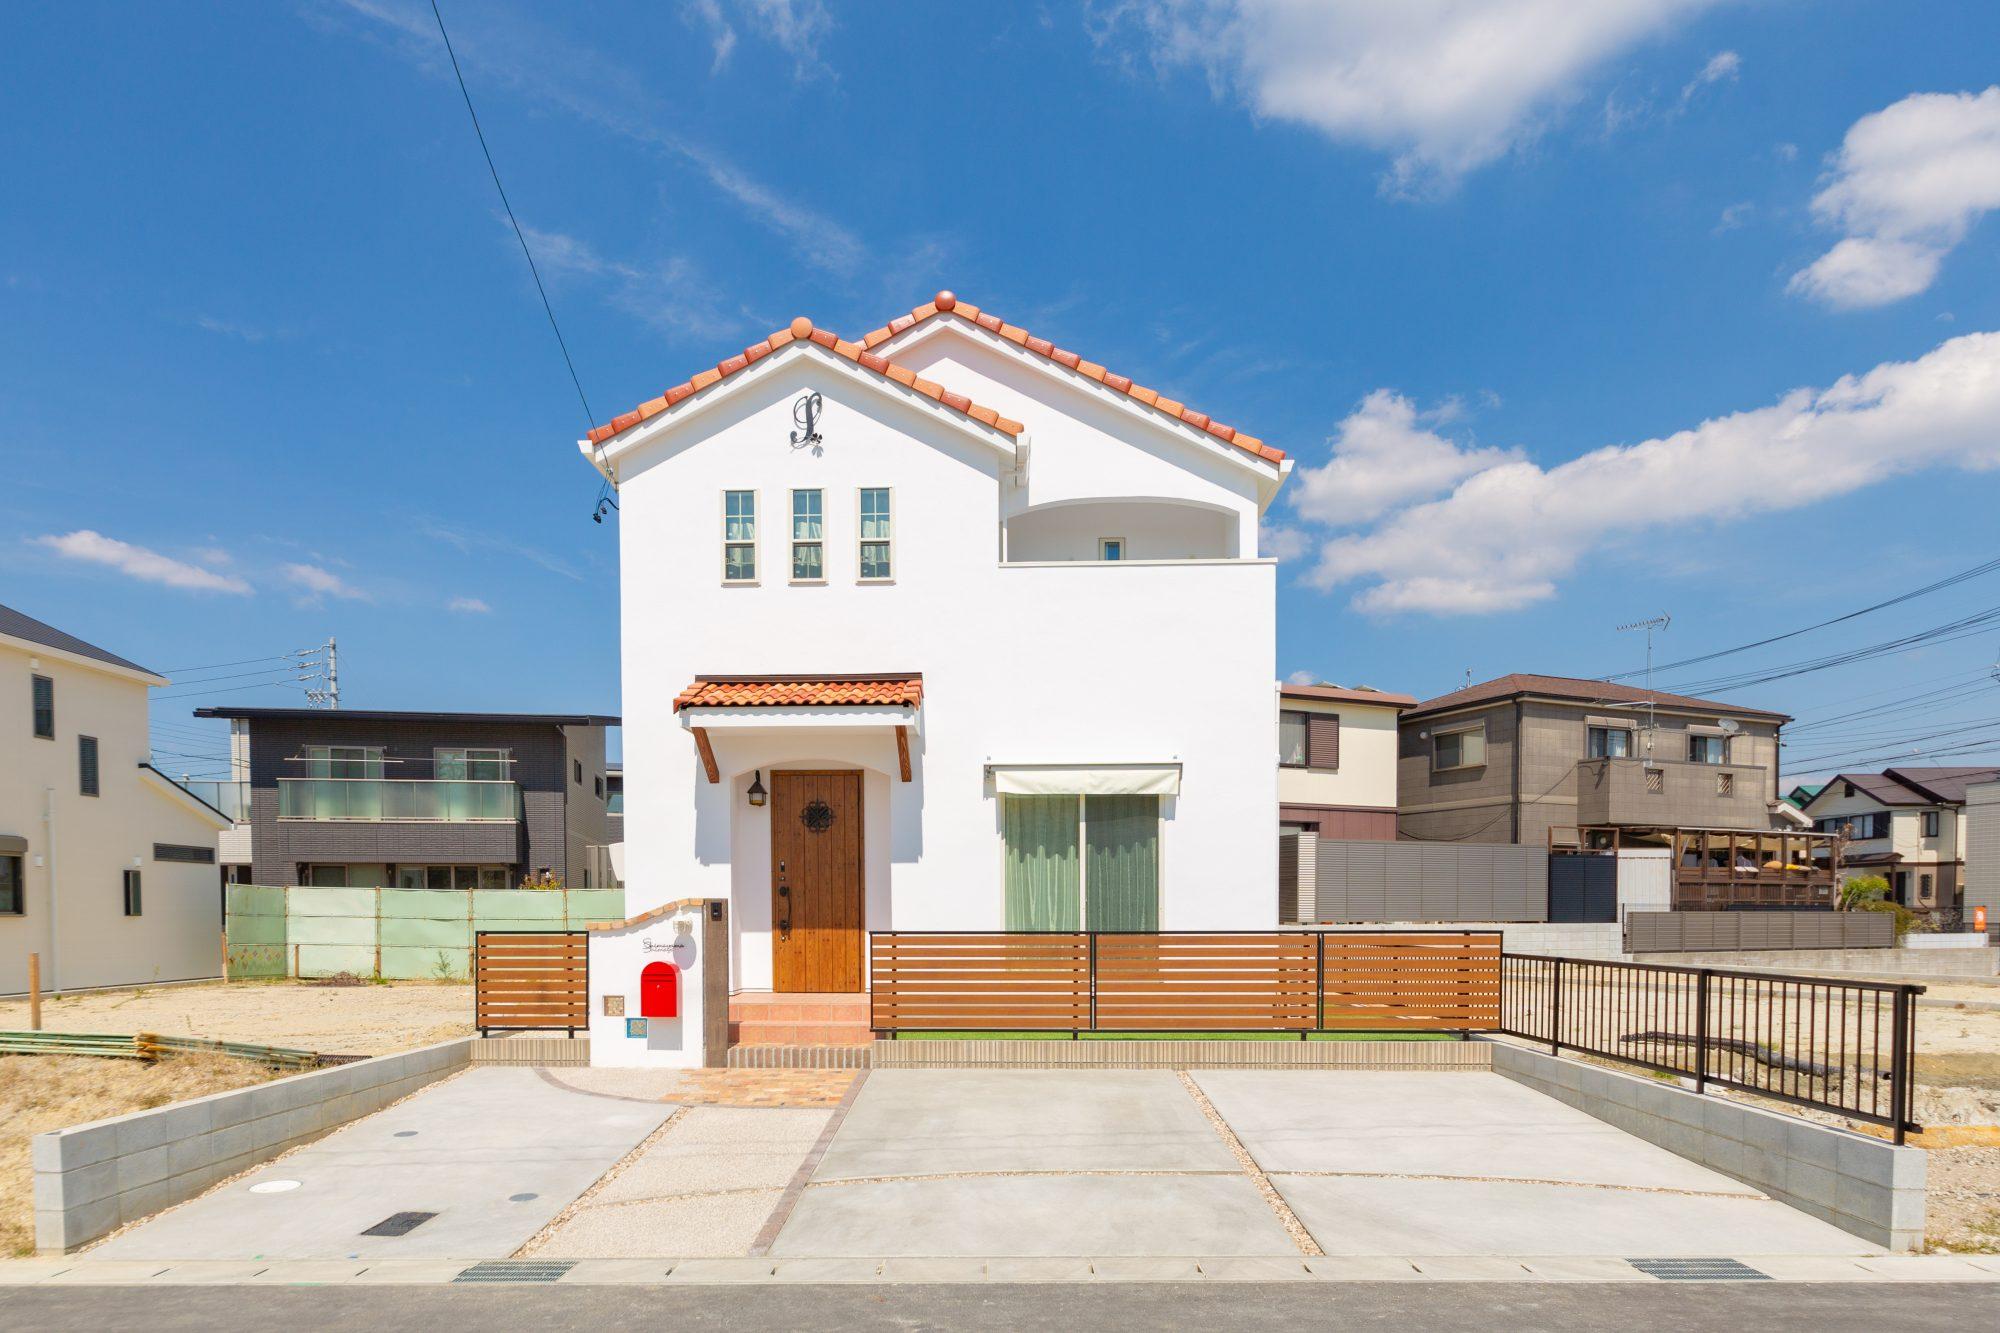 モダンでかっこいい家から海外風の可愛い家まで、お好きなデザインをお聞かせください。